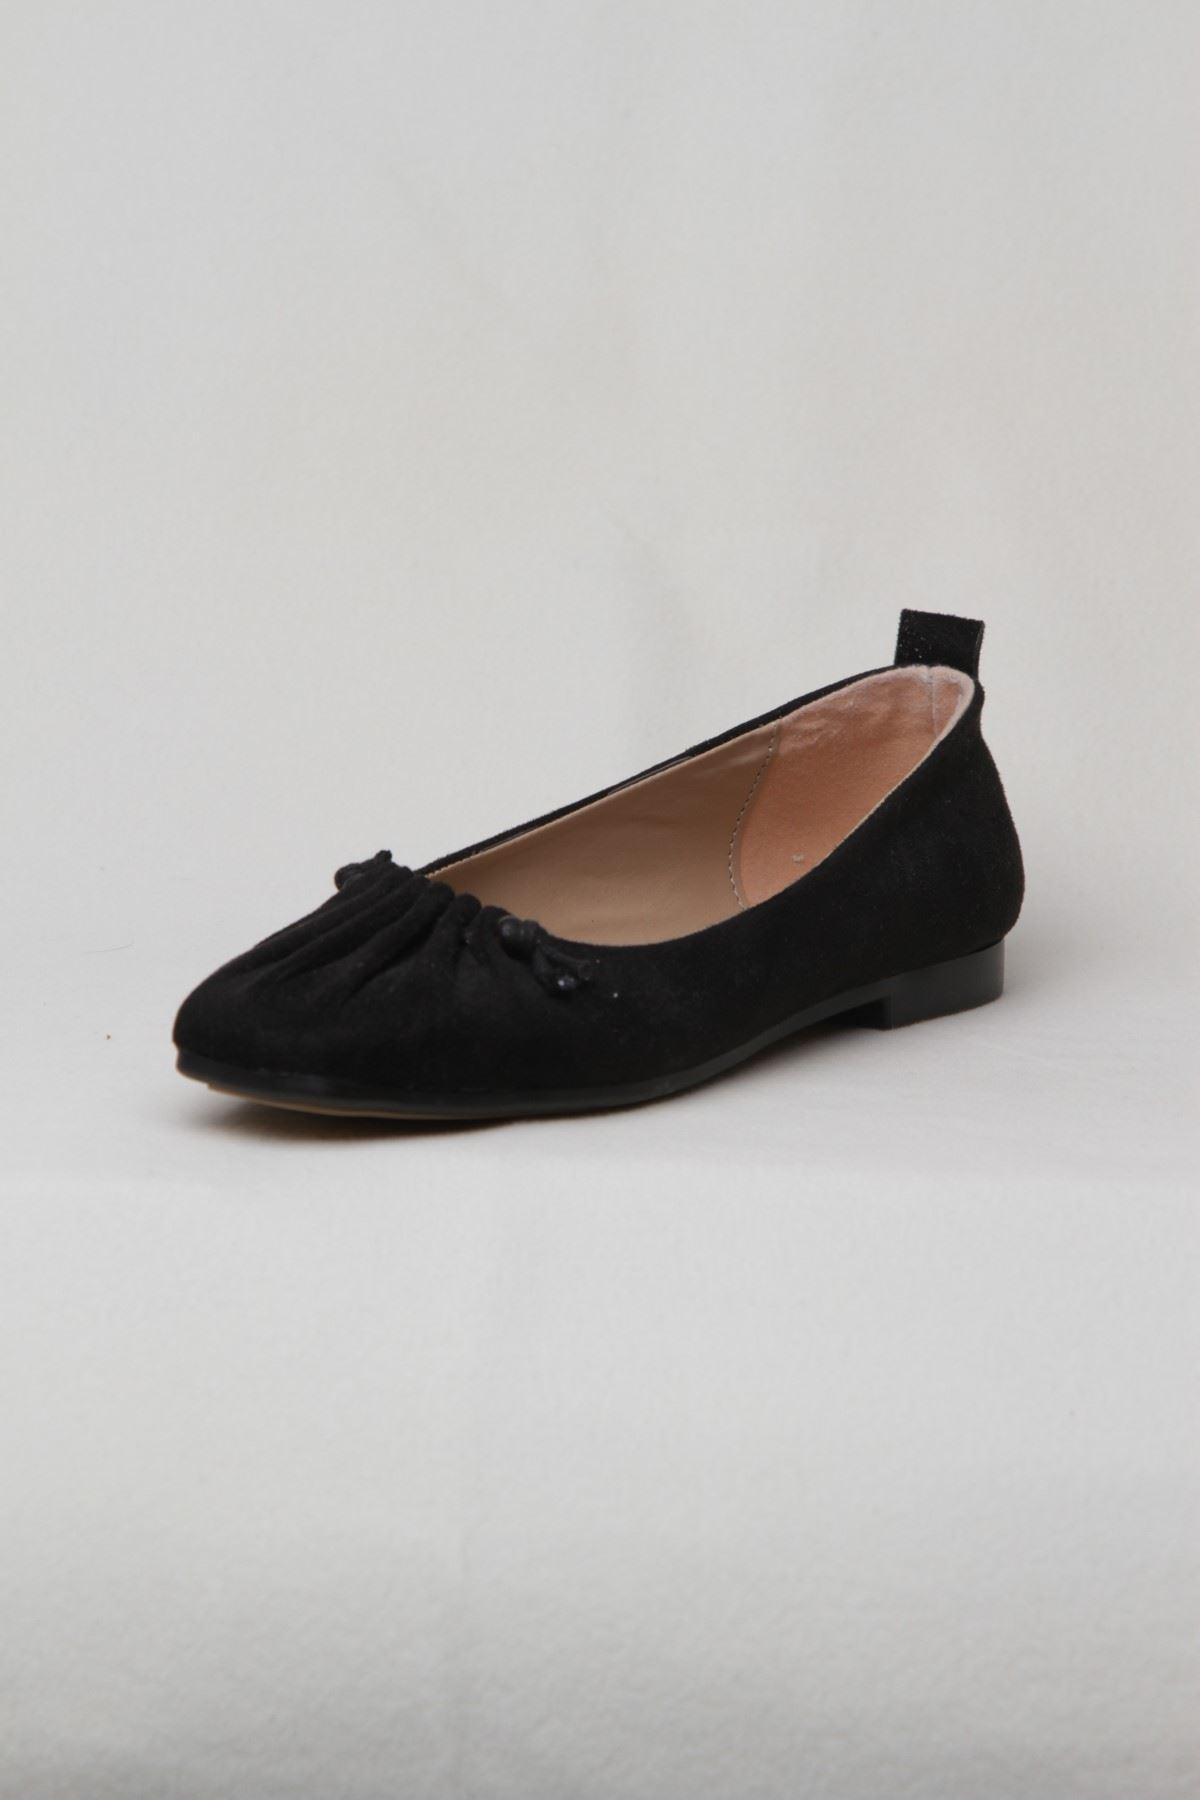 Kadın Babet - Siyah